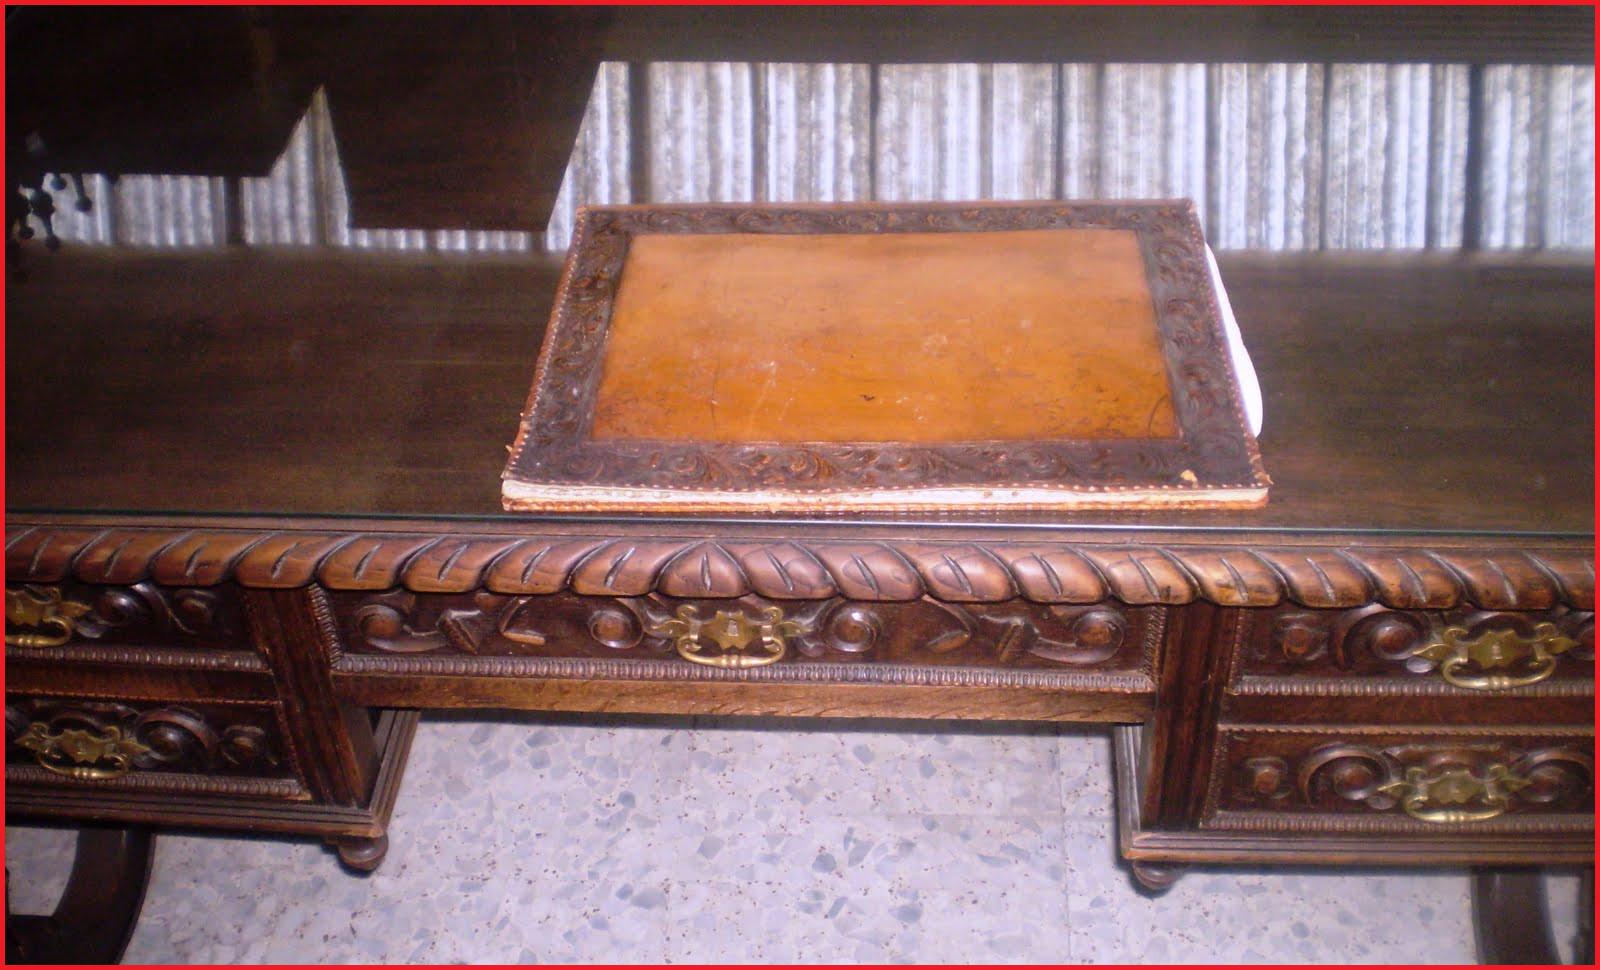 Compro Muebles Dddy Pro Muebles Antiguos Barcelona Restauracion Muebles Pra